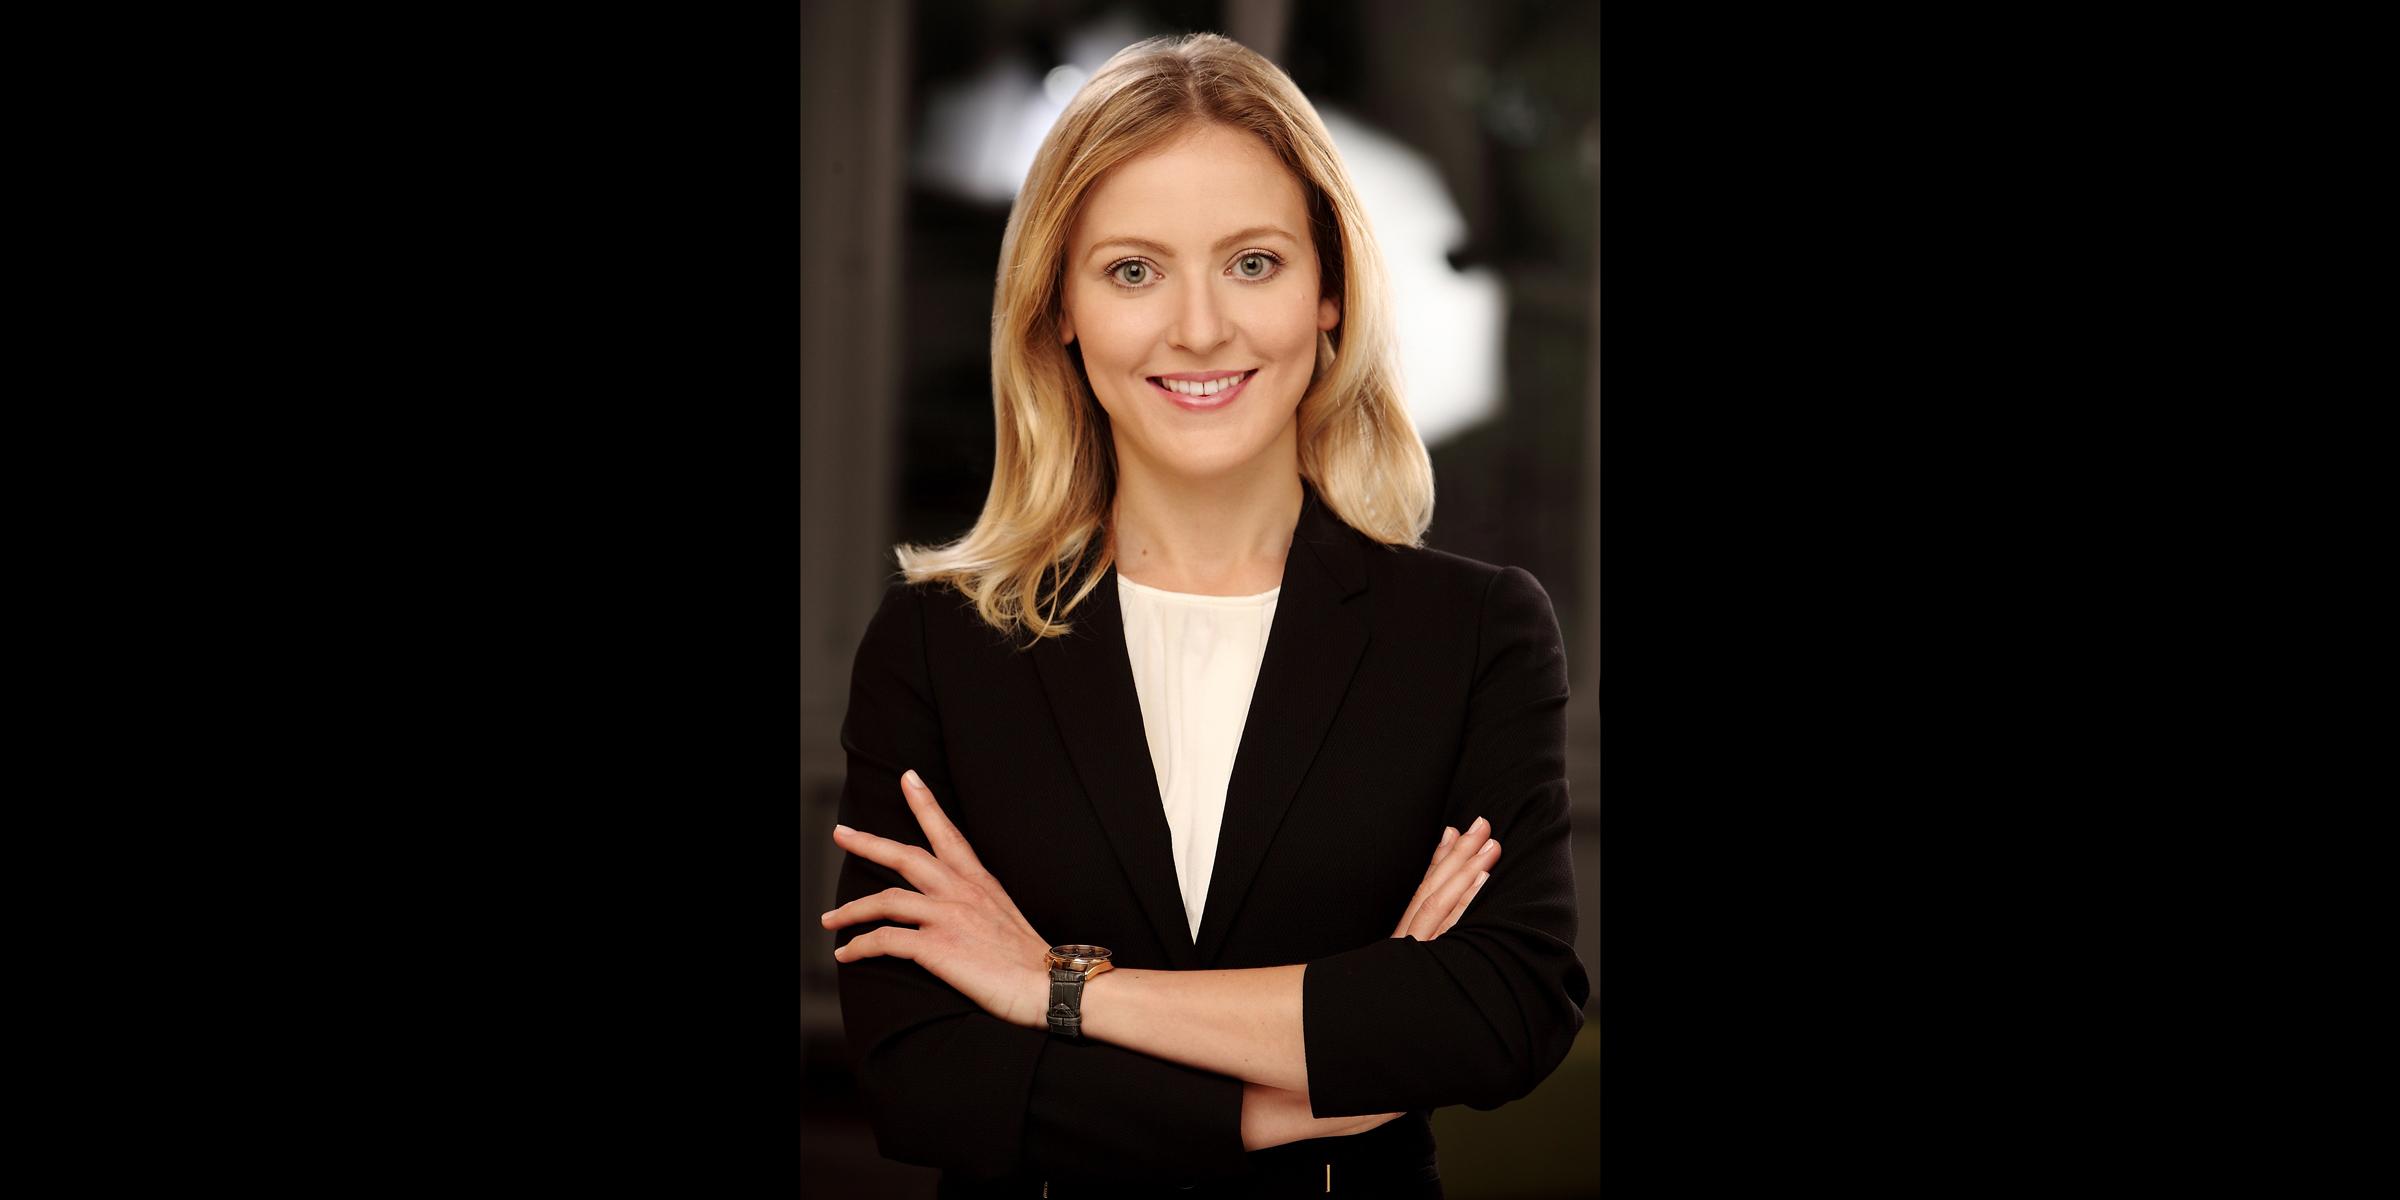 Farbportrait einer blonden Frau mit freundlichem Lächeln, die mit gekreuzten Armen in einem schwarzen Business-Jackett posiert.